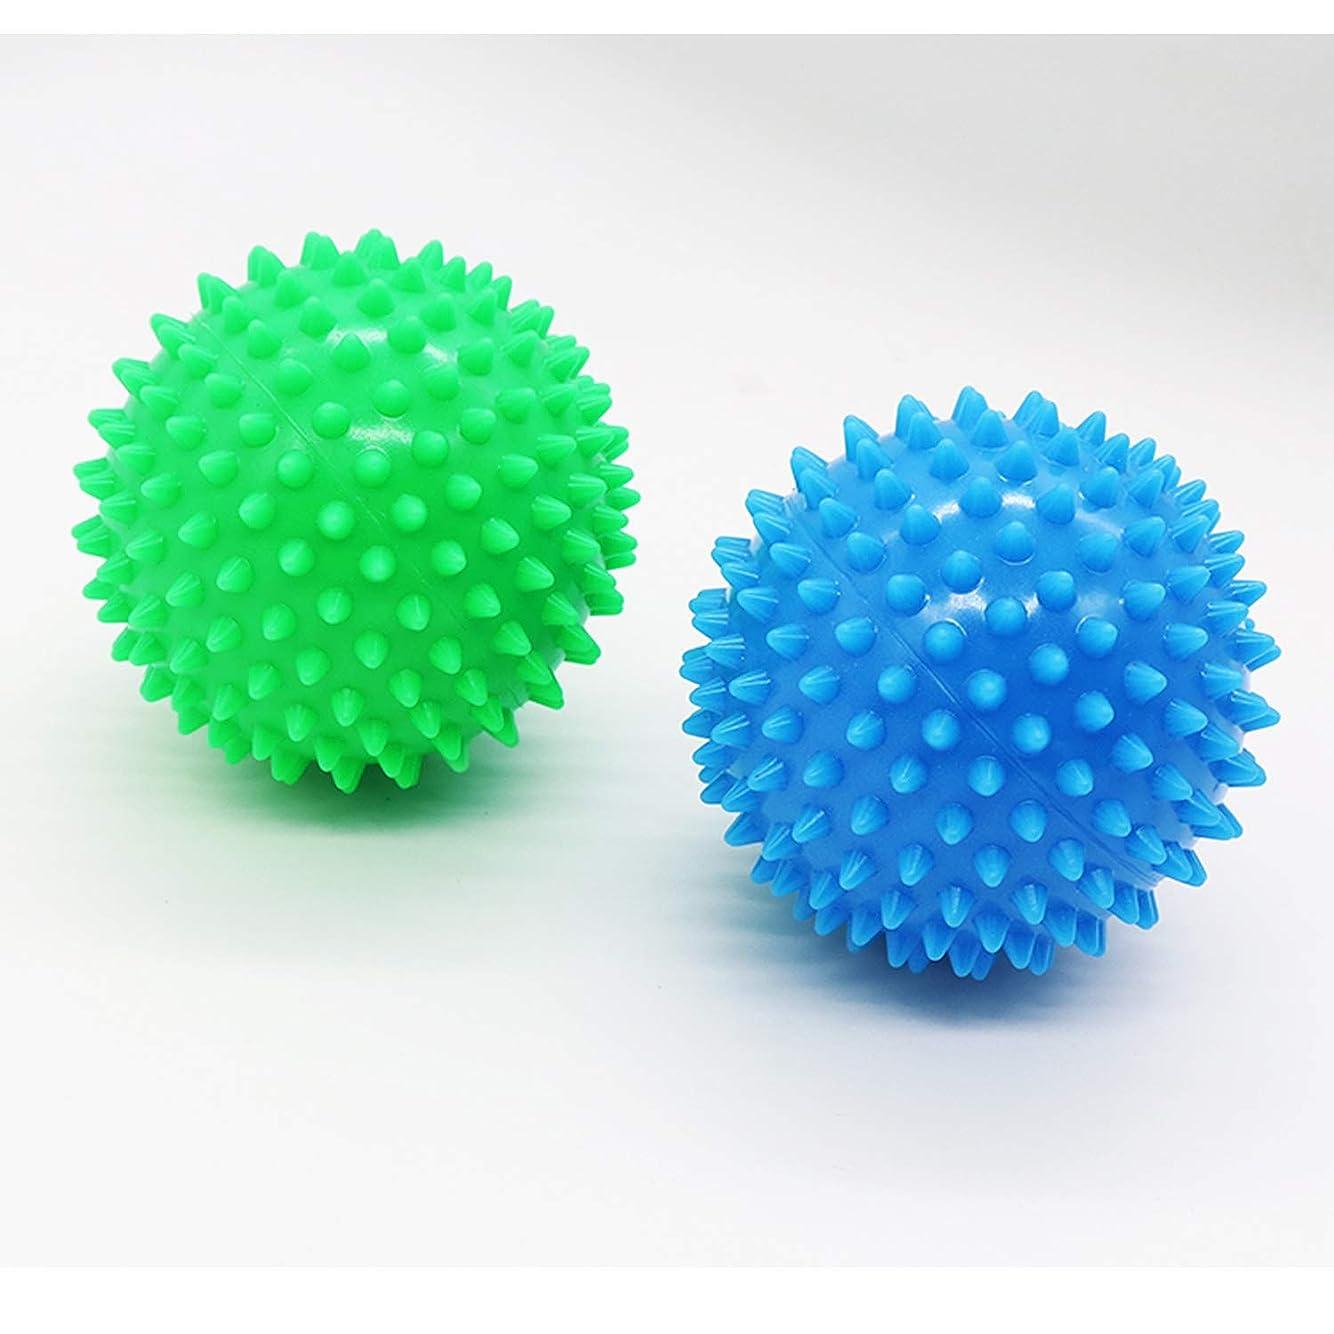 整理する時々時々食器棚Dreecy マッサージボール(2個セット)触覚ボール リフレックスボール トレーニングボール  ポイントマッサージ 筋筋膜リリース 筋肉緊張和らげ 血液循環促進 9cm(青+緑)